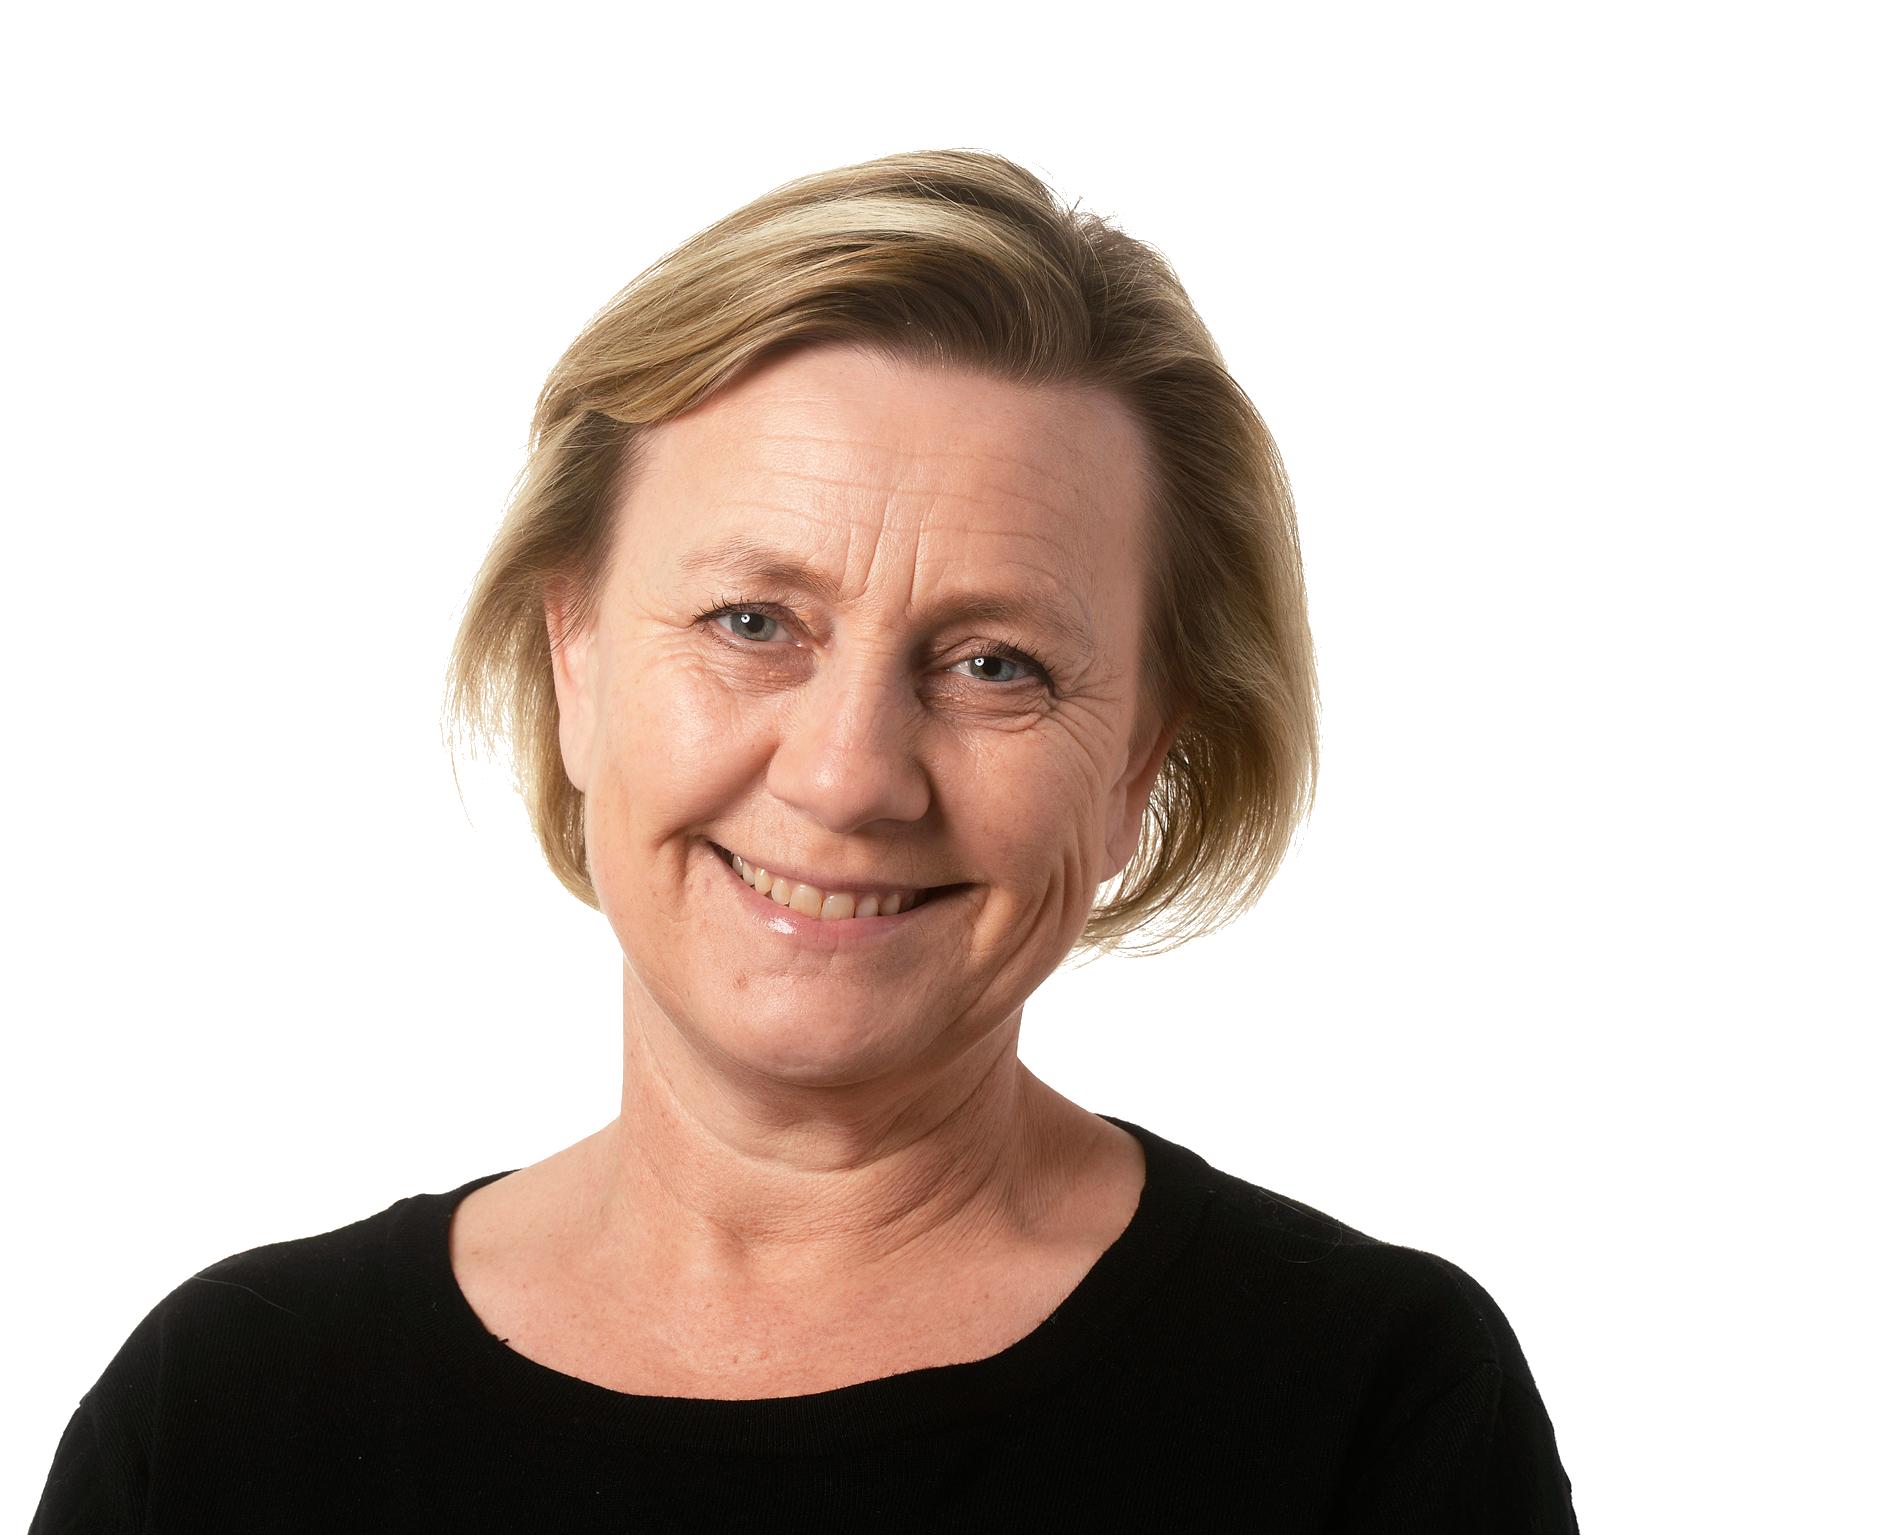 Hjørdis Irene Halleland Mikalsen